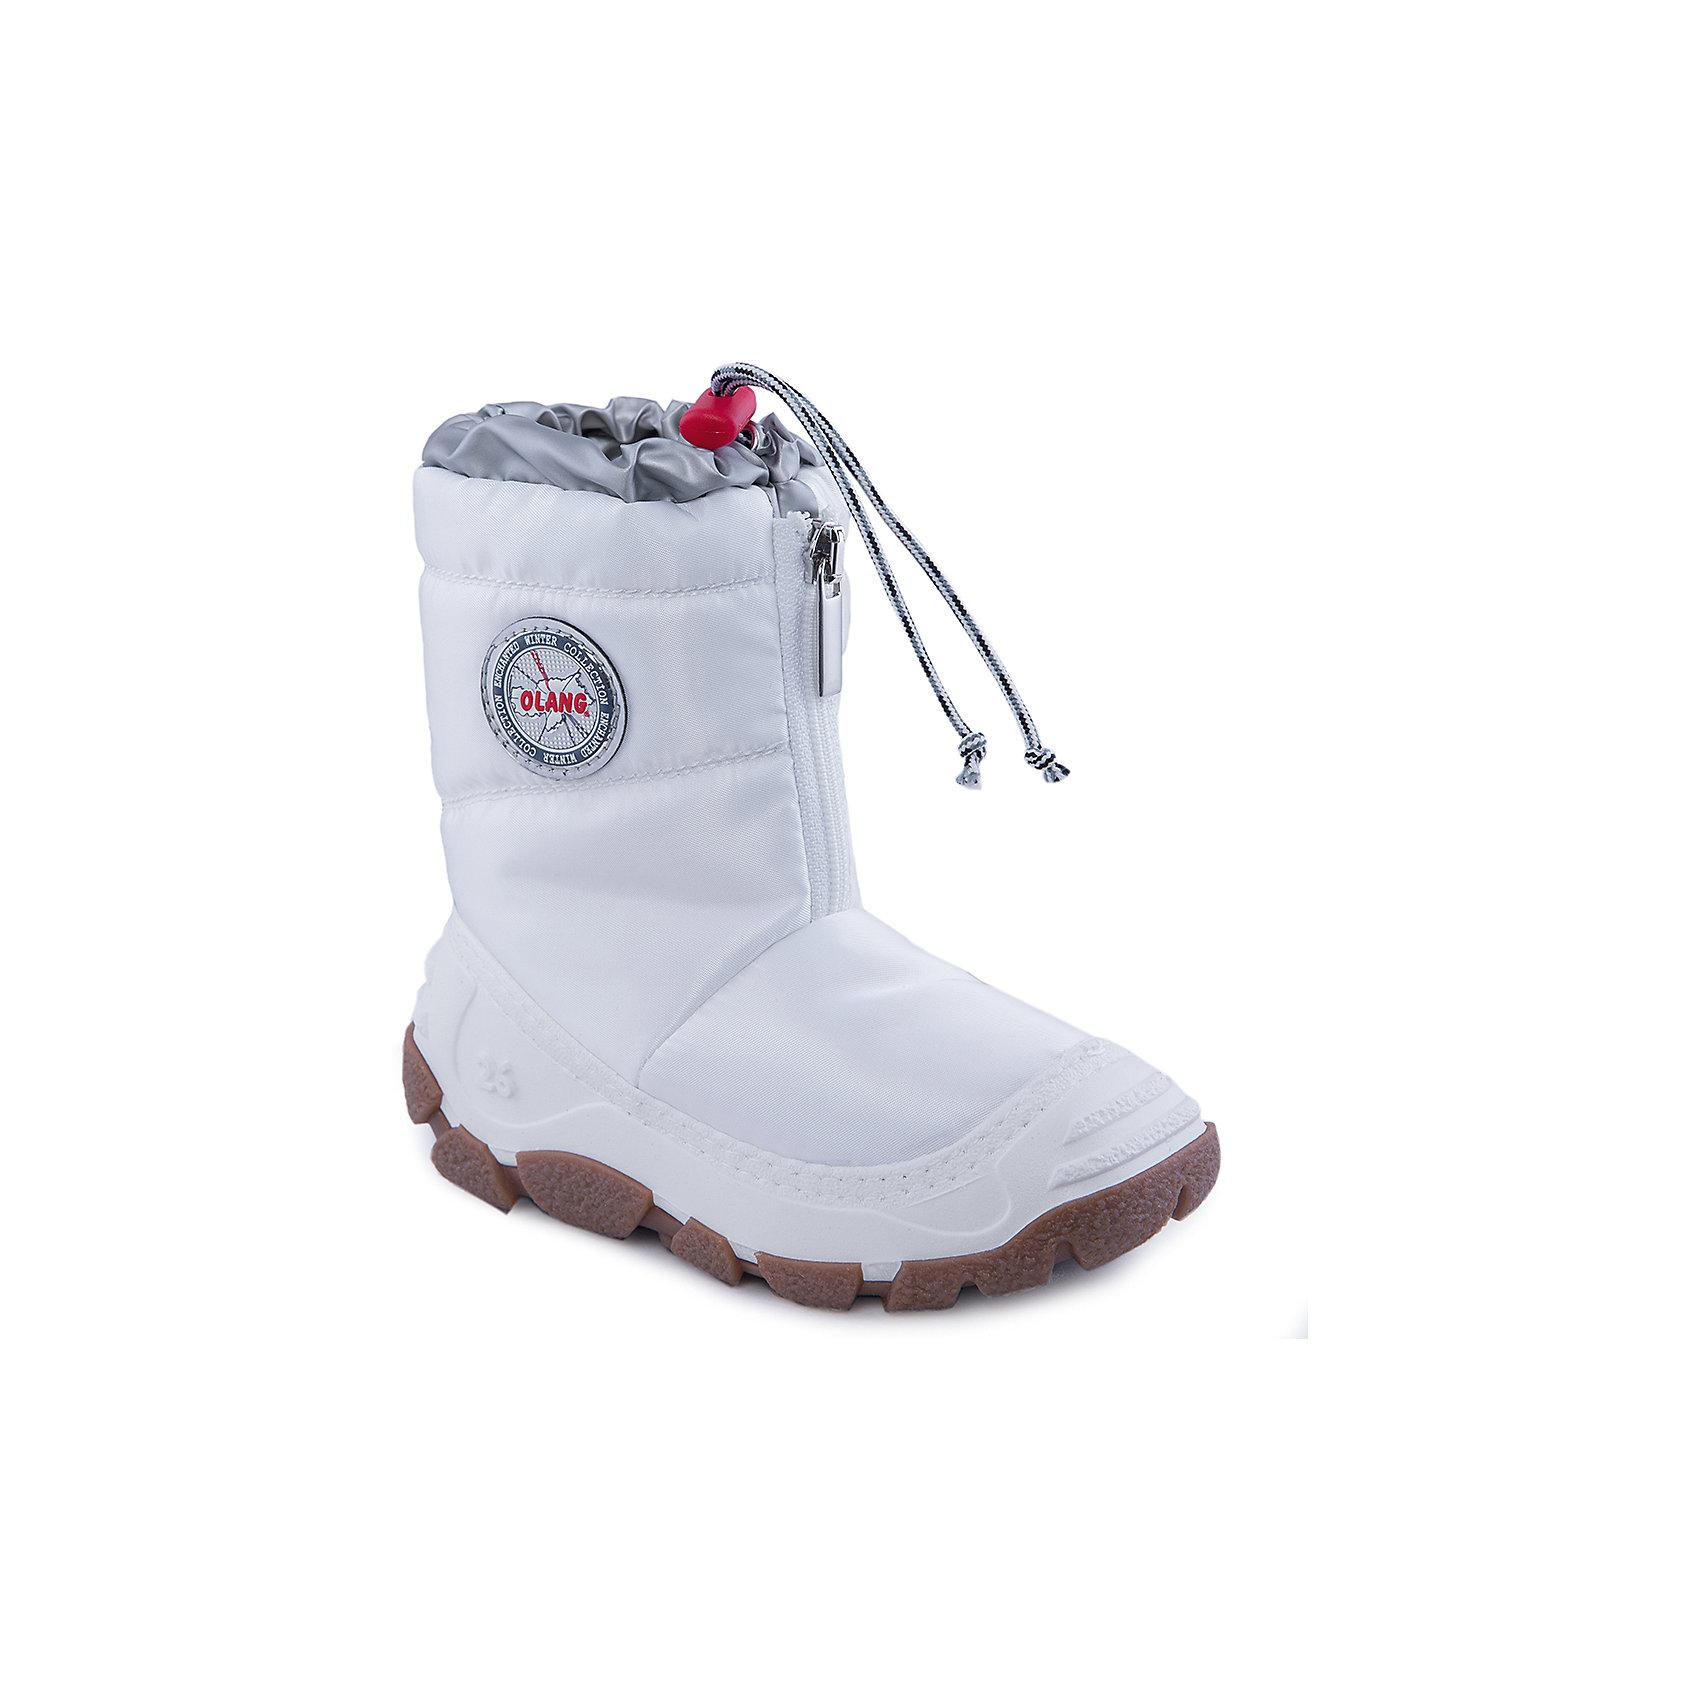 Сапоги для девочки OlangСапоги для девочки от известной марки Olang<br><br>Удобные зимние сапоги разработаны специально для детей. <br>В холода они обеспечат детским ножкам комфорт и тепло.<br><br>Отличительные особенности модели:<br><br>- цвет: белый;<br>- устойчивая рифленая подошва;<br>- теплая стелька;<br>- усиленный носок и задник;<br>- эргономичная форма;<br>- удобная колодка;<br>- меховая подкладка;<br>- качественные материалы;<br>- застежка-молния, утяжка со стоппером.<br><br>Дополнительная информация:<br><br>- Температурный режим: от - 20° С  до +5° С.<br><br>- Состав:<br><br>материал верха: текстиль<br>материал подкладки: искусственный мех<br>подошва: 70% ЭВА (этиленвинилацетат), 30% натуральная резина<br><br>Сапоги для девочки Olang (Оланг) можно купить в нашем магазине.<br><br>Ширина мм: 257<br>Глубина мм: 180<br>Высота мм: 130<br>Вес г: 420<br>Цвет: белый<br>Возраст от месяцев: 24<br>Возраст до месяцев: 24<br>Пол: Женский<br>Возраст: Детский<br>Размер: 25/26,27/28,29/30<br>SKU: 4279309